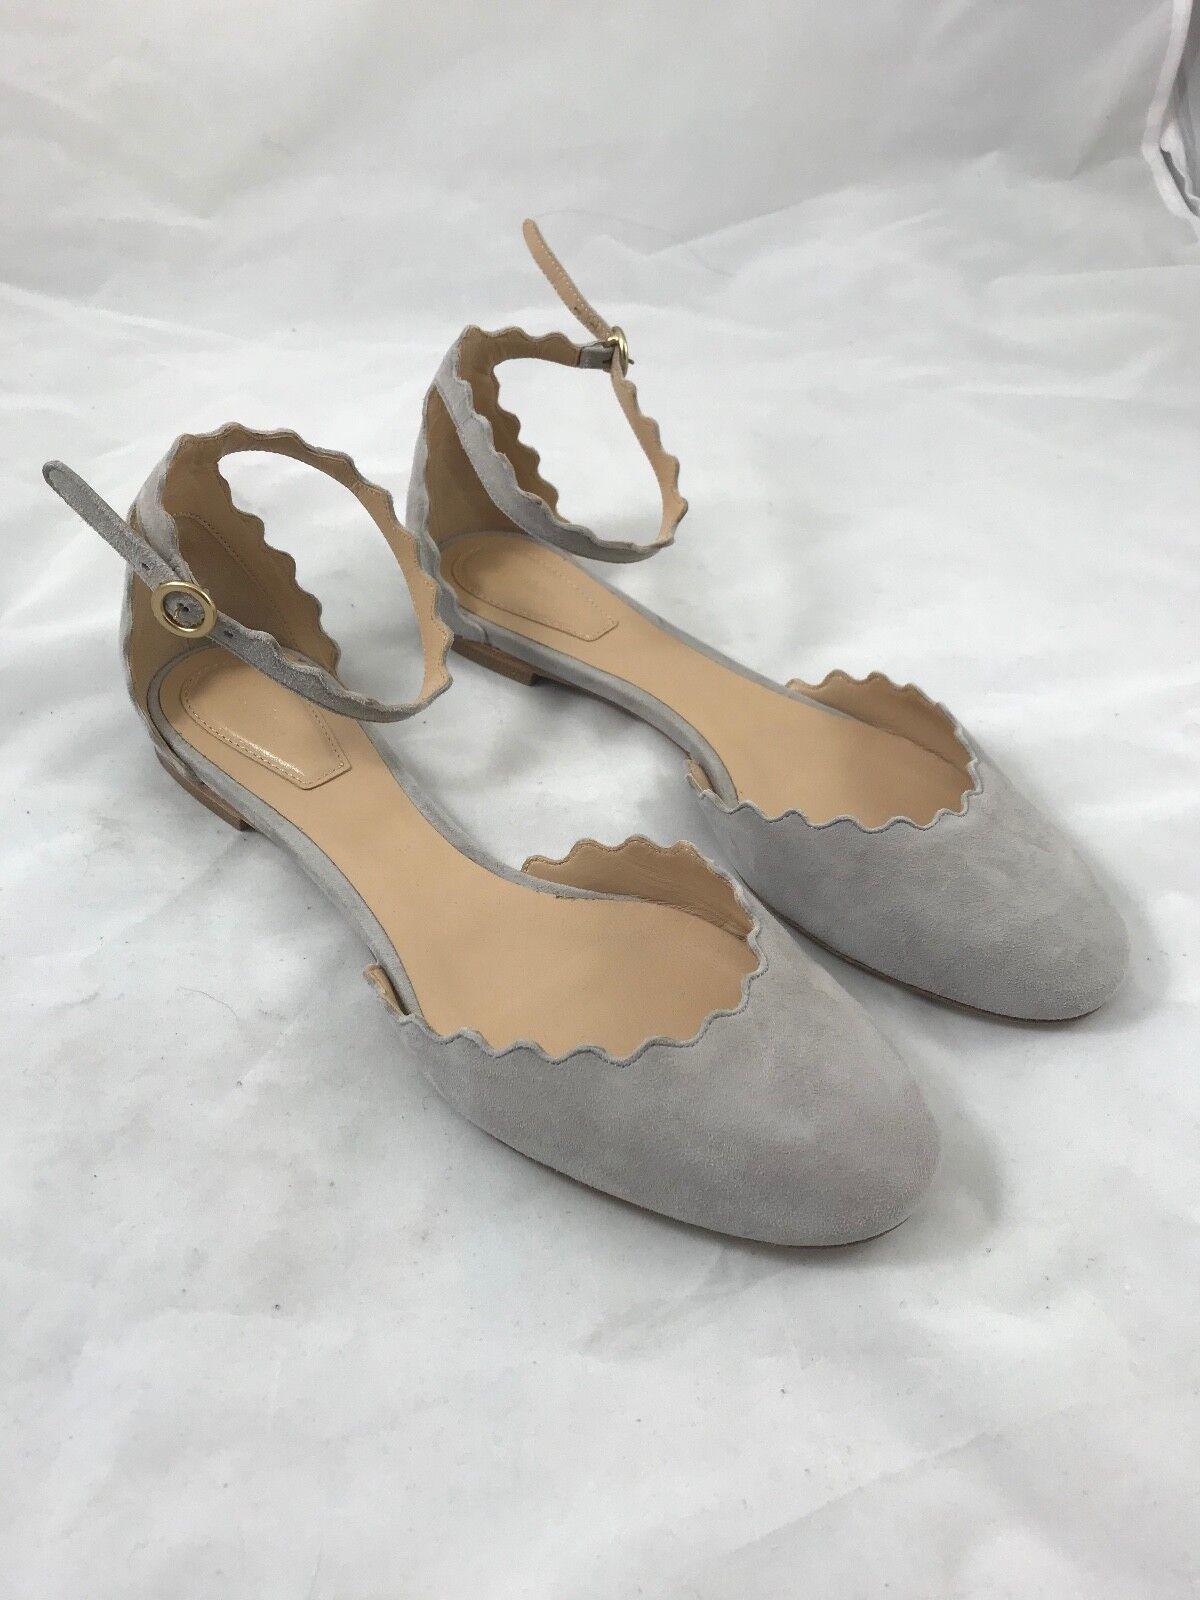 consegna diretta e rapida in fabbrica NIB Chloé Suede Ballerina scarpe in in in Elephant grigio Dimensione 36.5  595  economico e di alta qualità